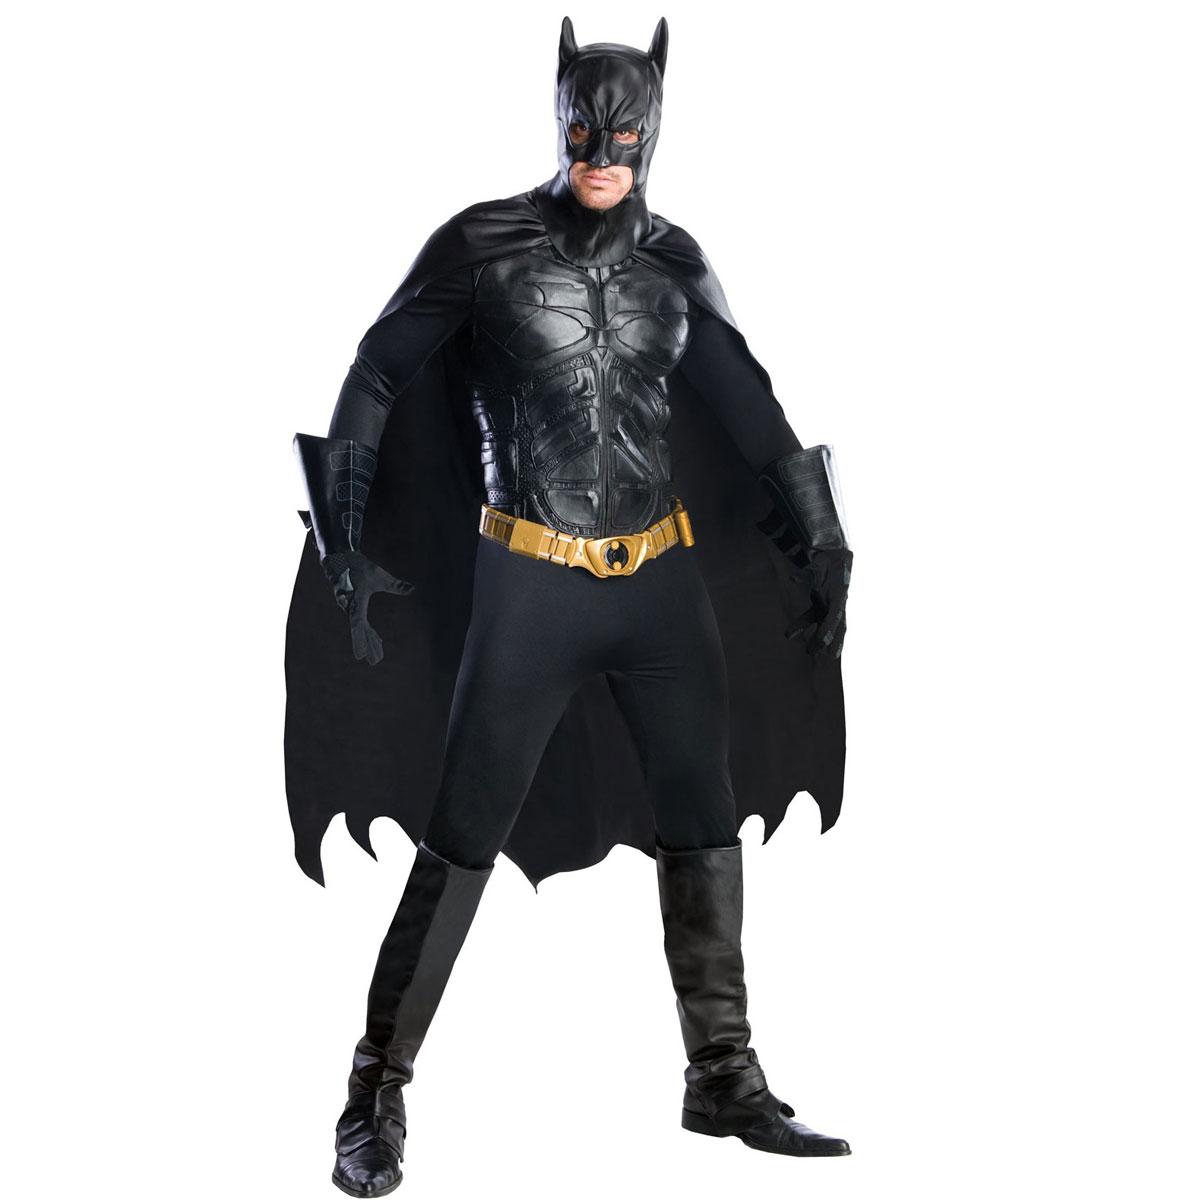 ハロウィン バットマン コスチューム バットマン コスプレ ダークナイト 衣装 グランド ヘリテージ 仮装 大人用 コスチューム